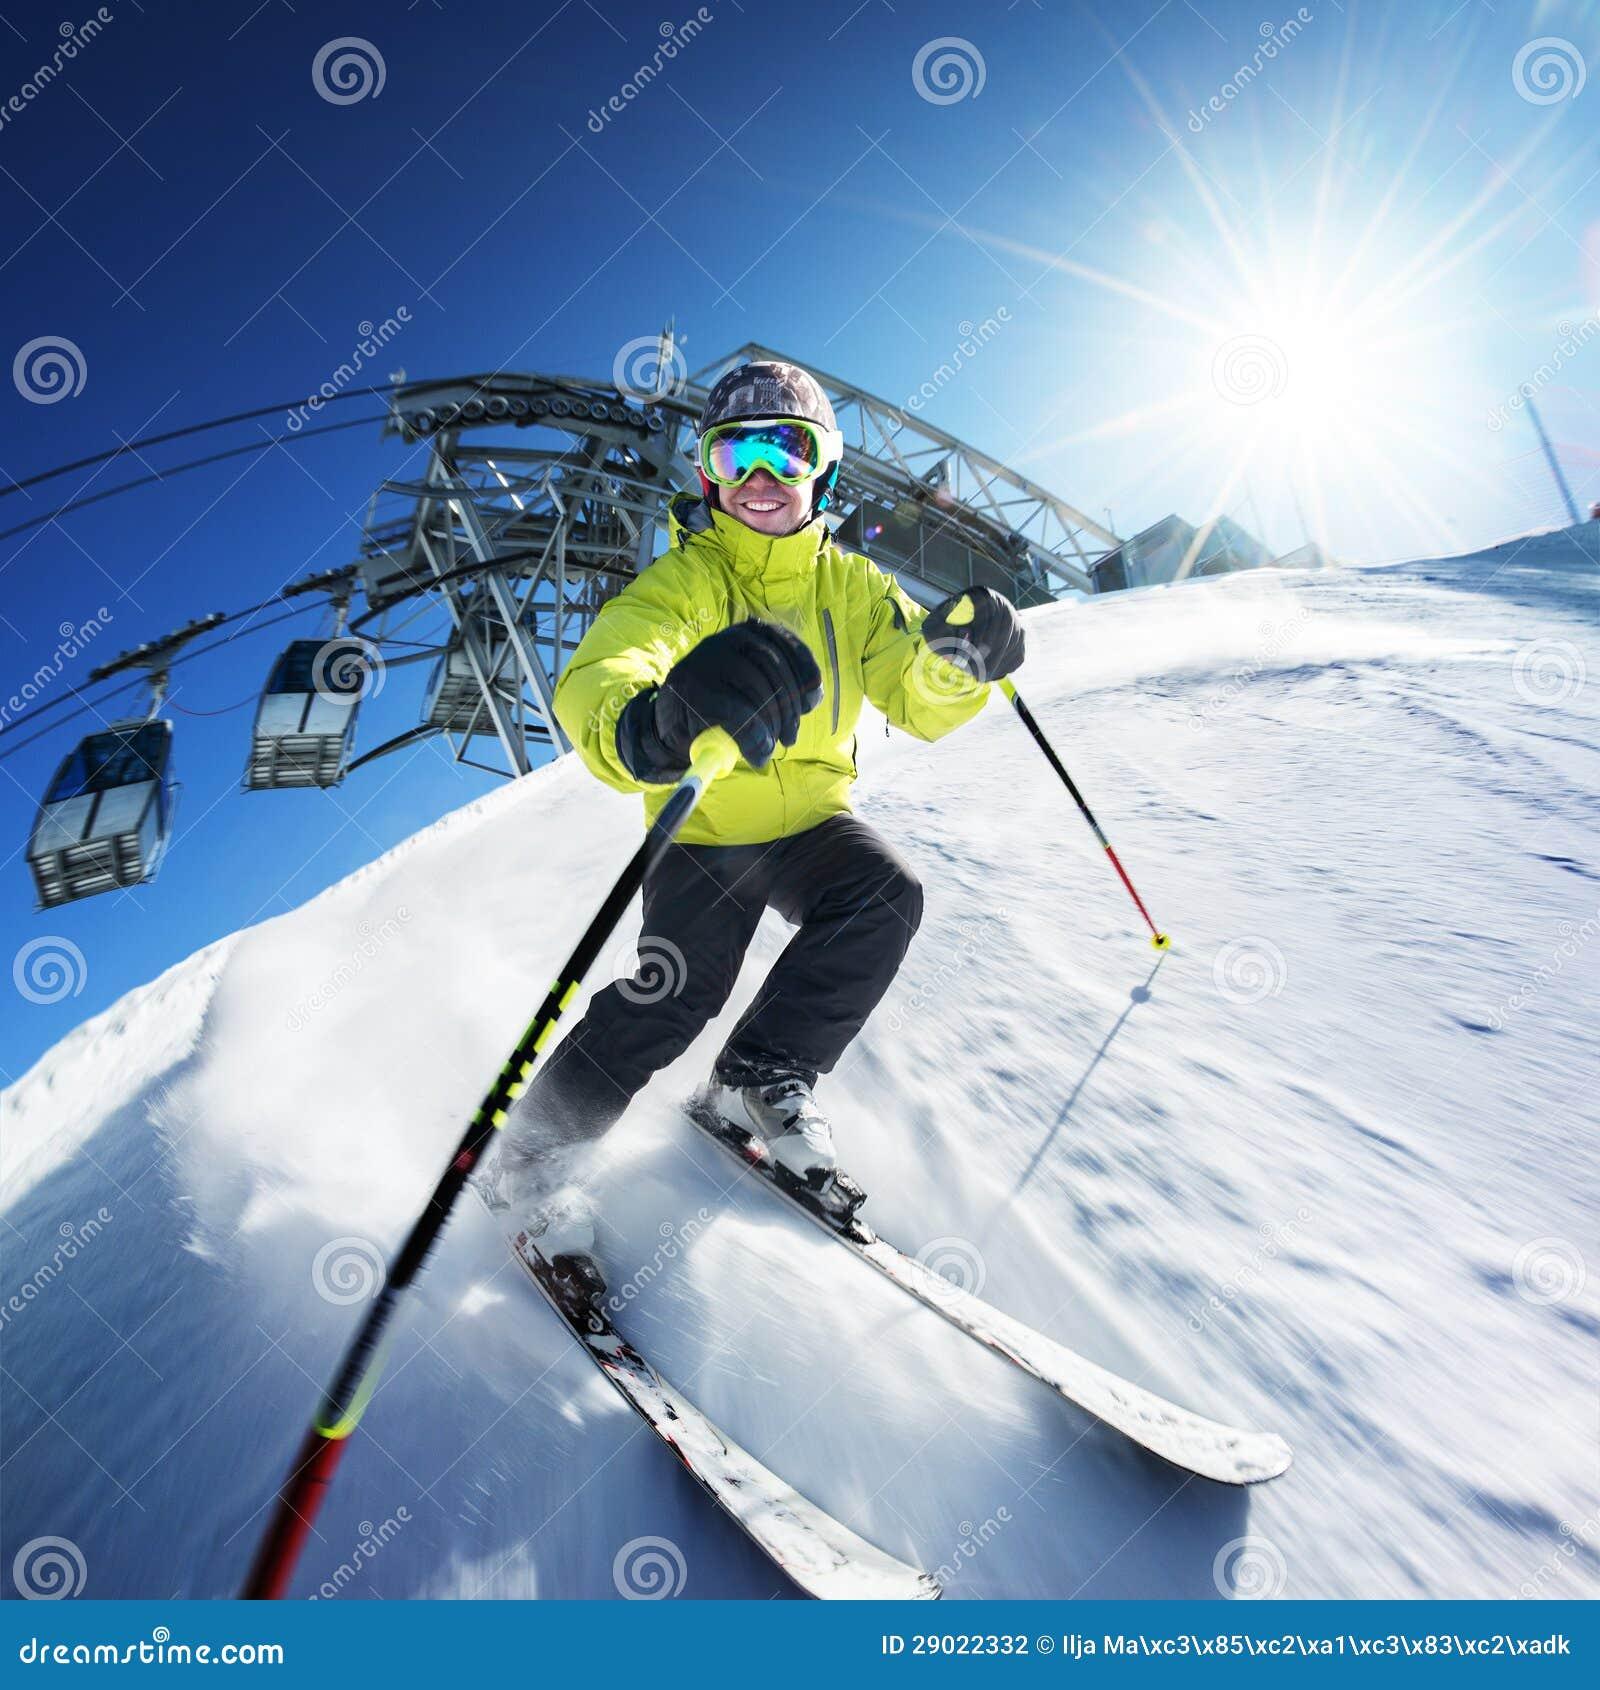 Skiër op piste in hooggebergte